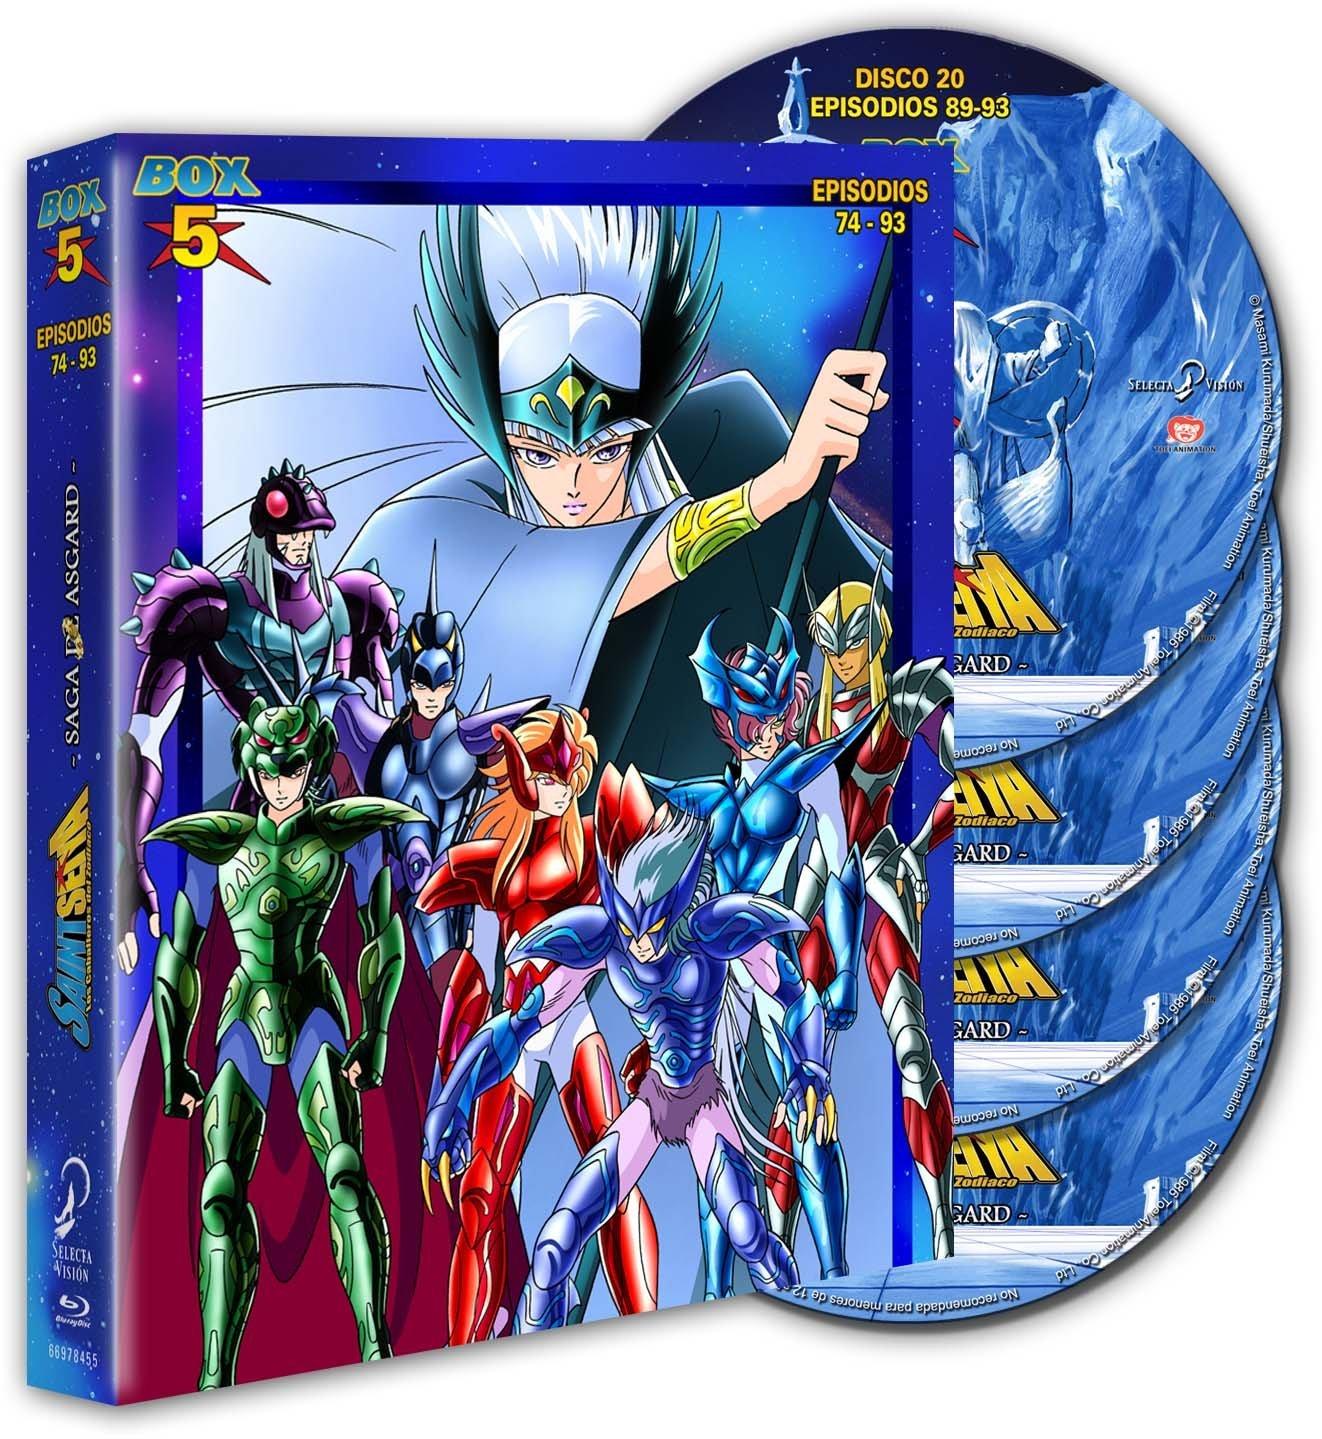 Saint Seiya (Los Caballeros del Zodiaco), Box 05 (Coleccionistas Eco.)